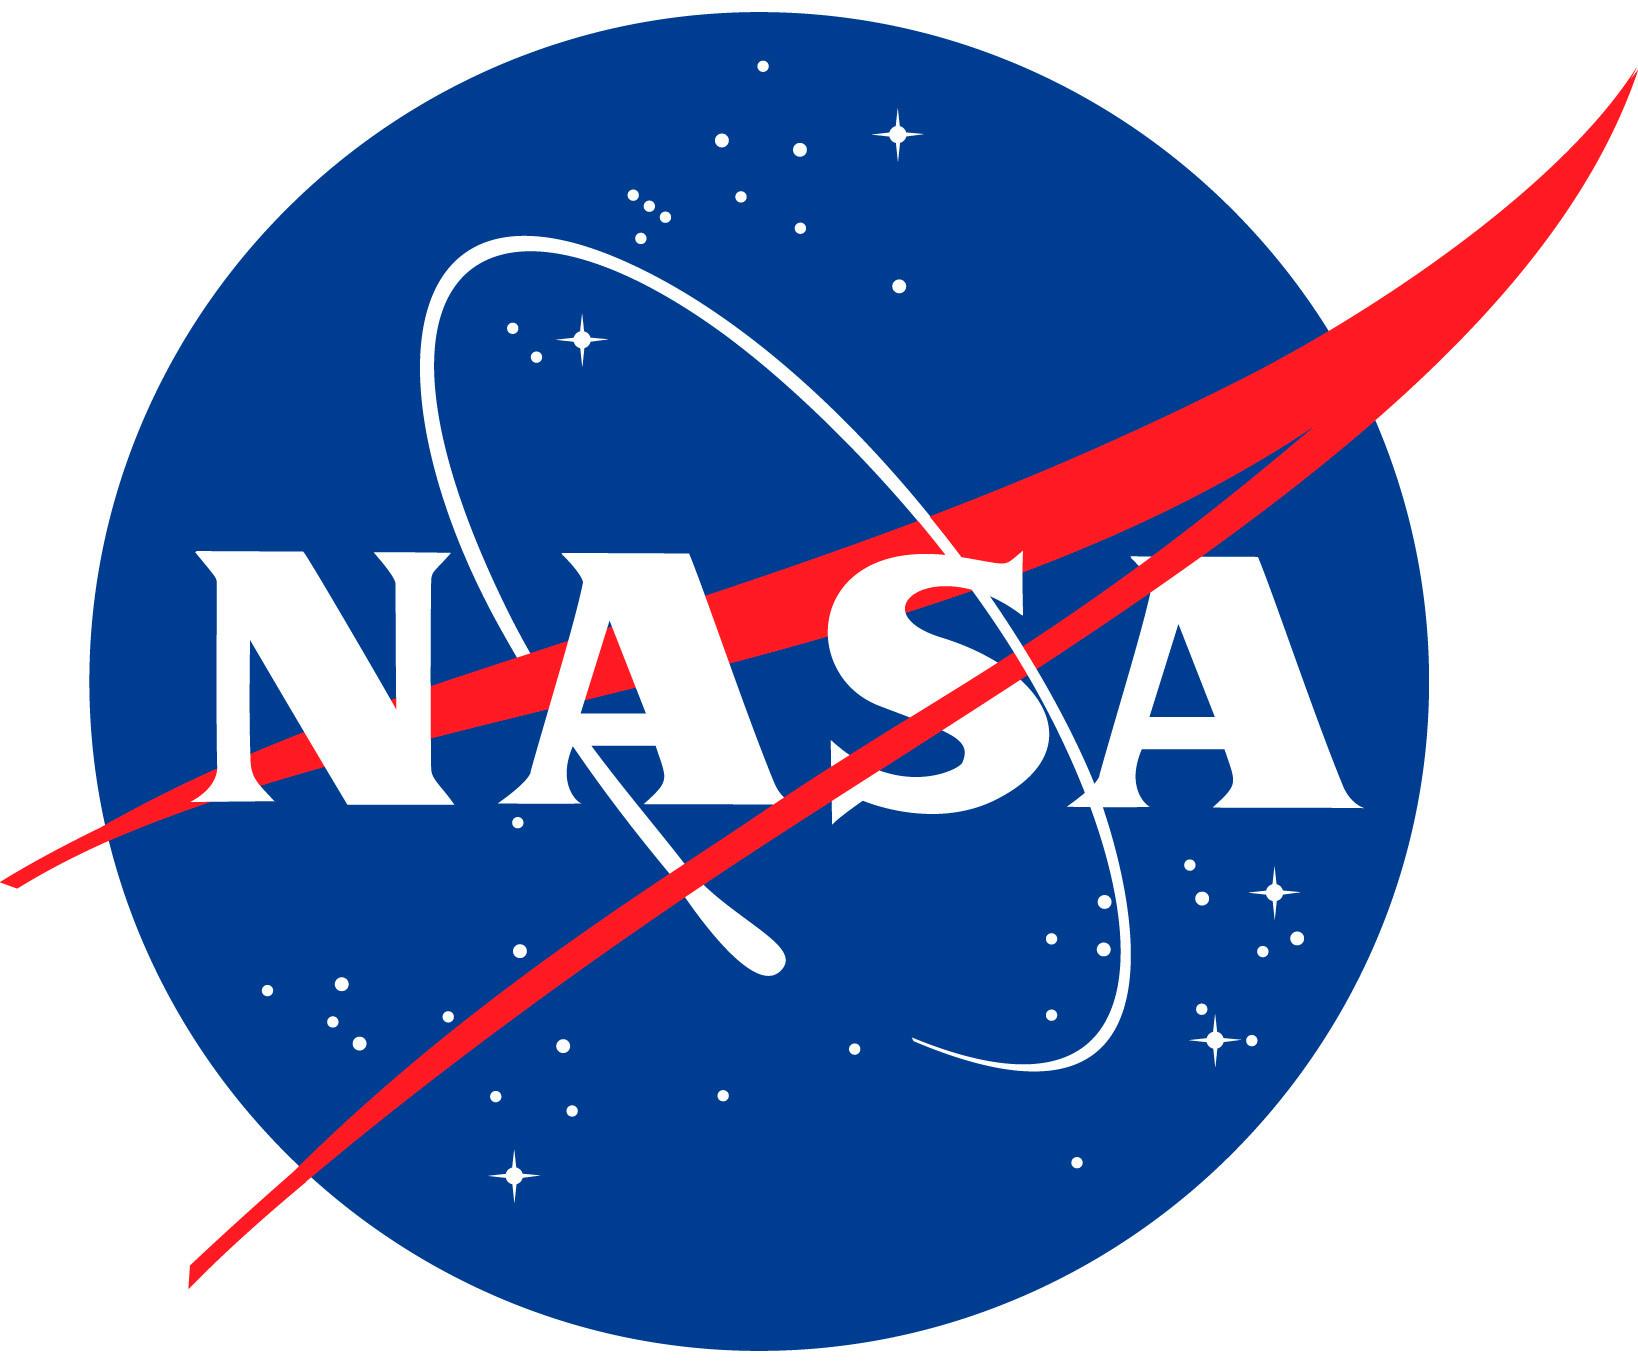 Group logo of NASA